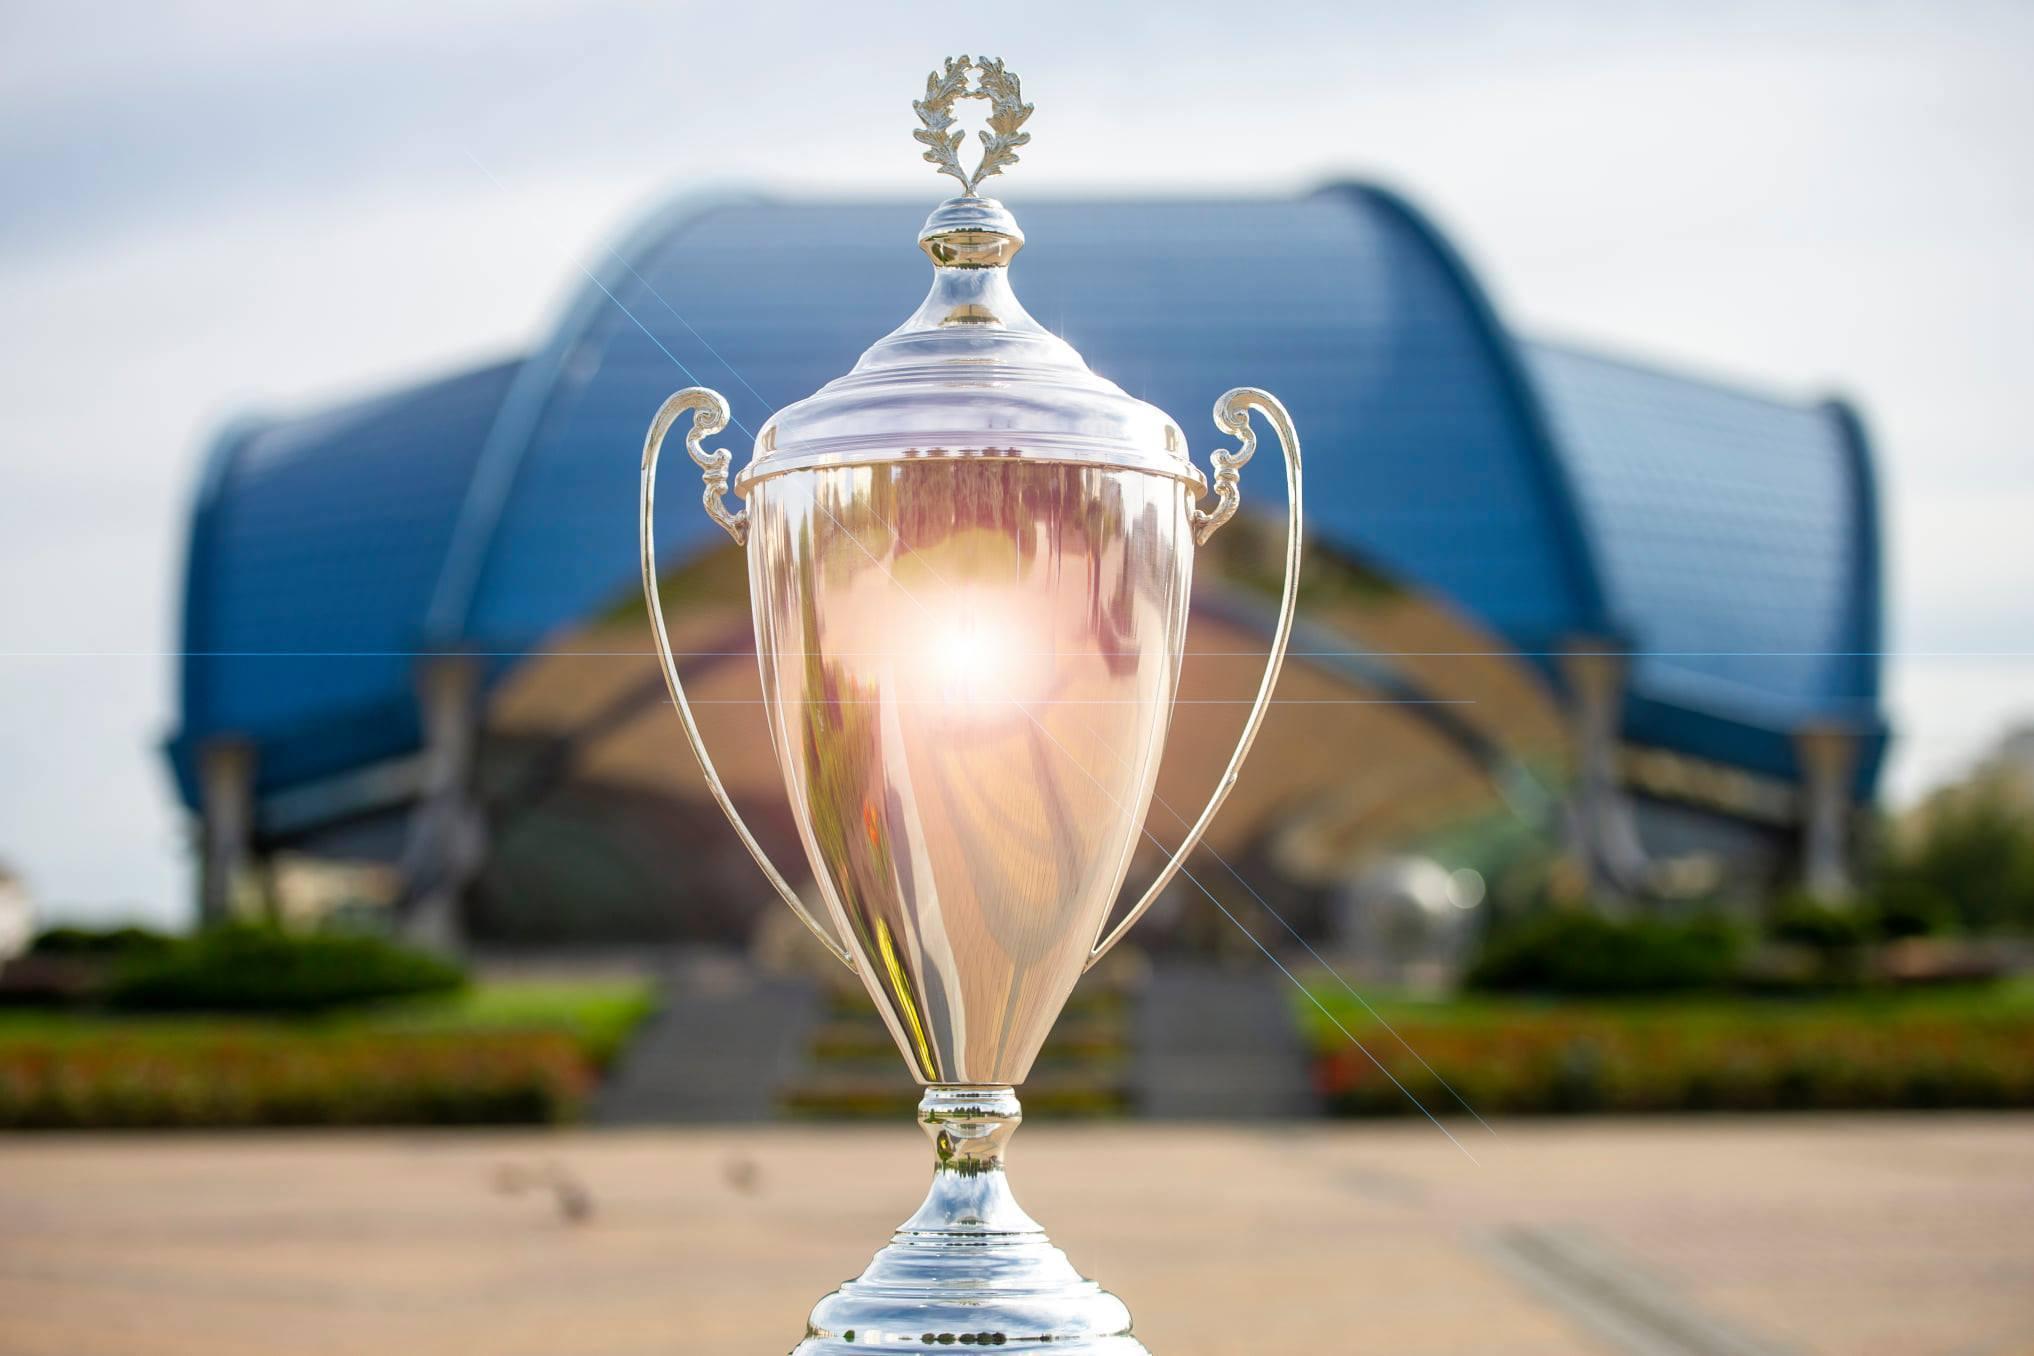 Кубок, який буде розіграно на Фіналі чотирьох, вже у Южному